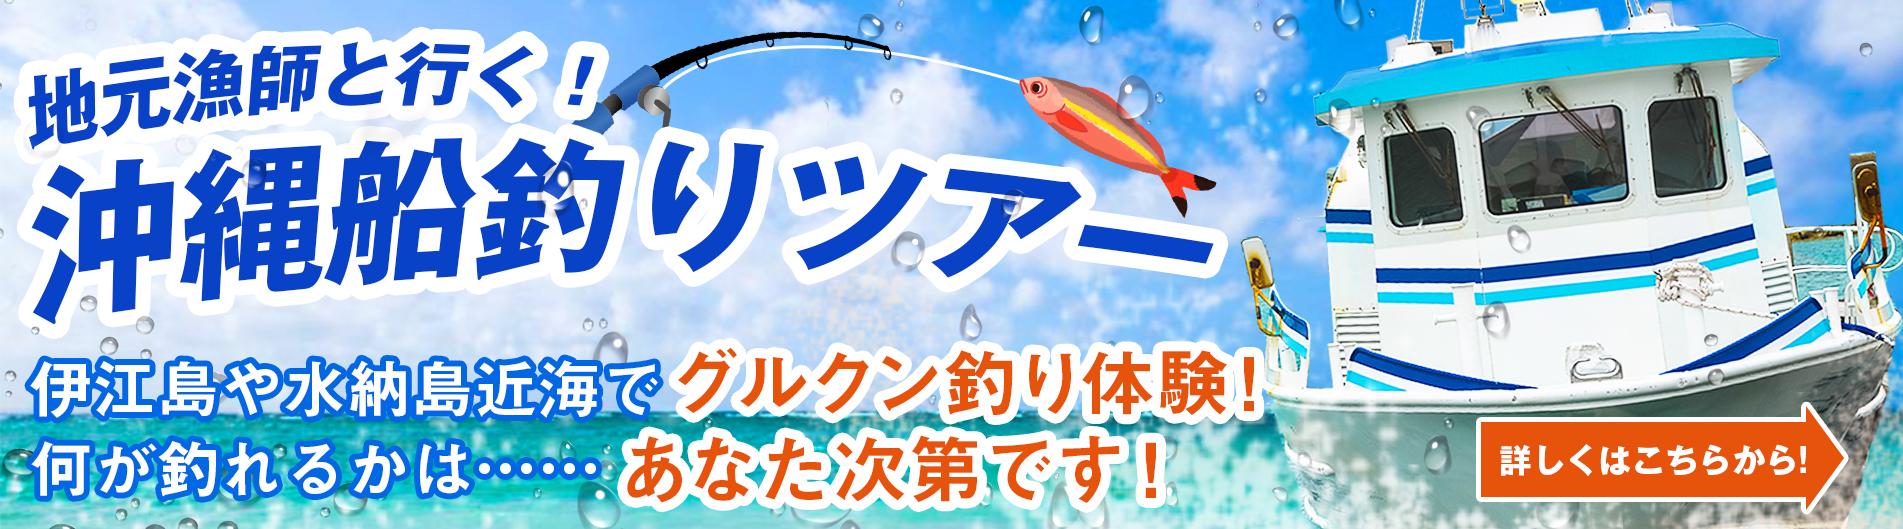 沖縄で船釣り